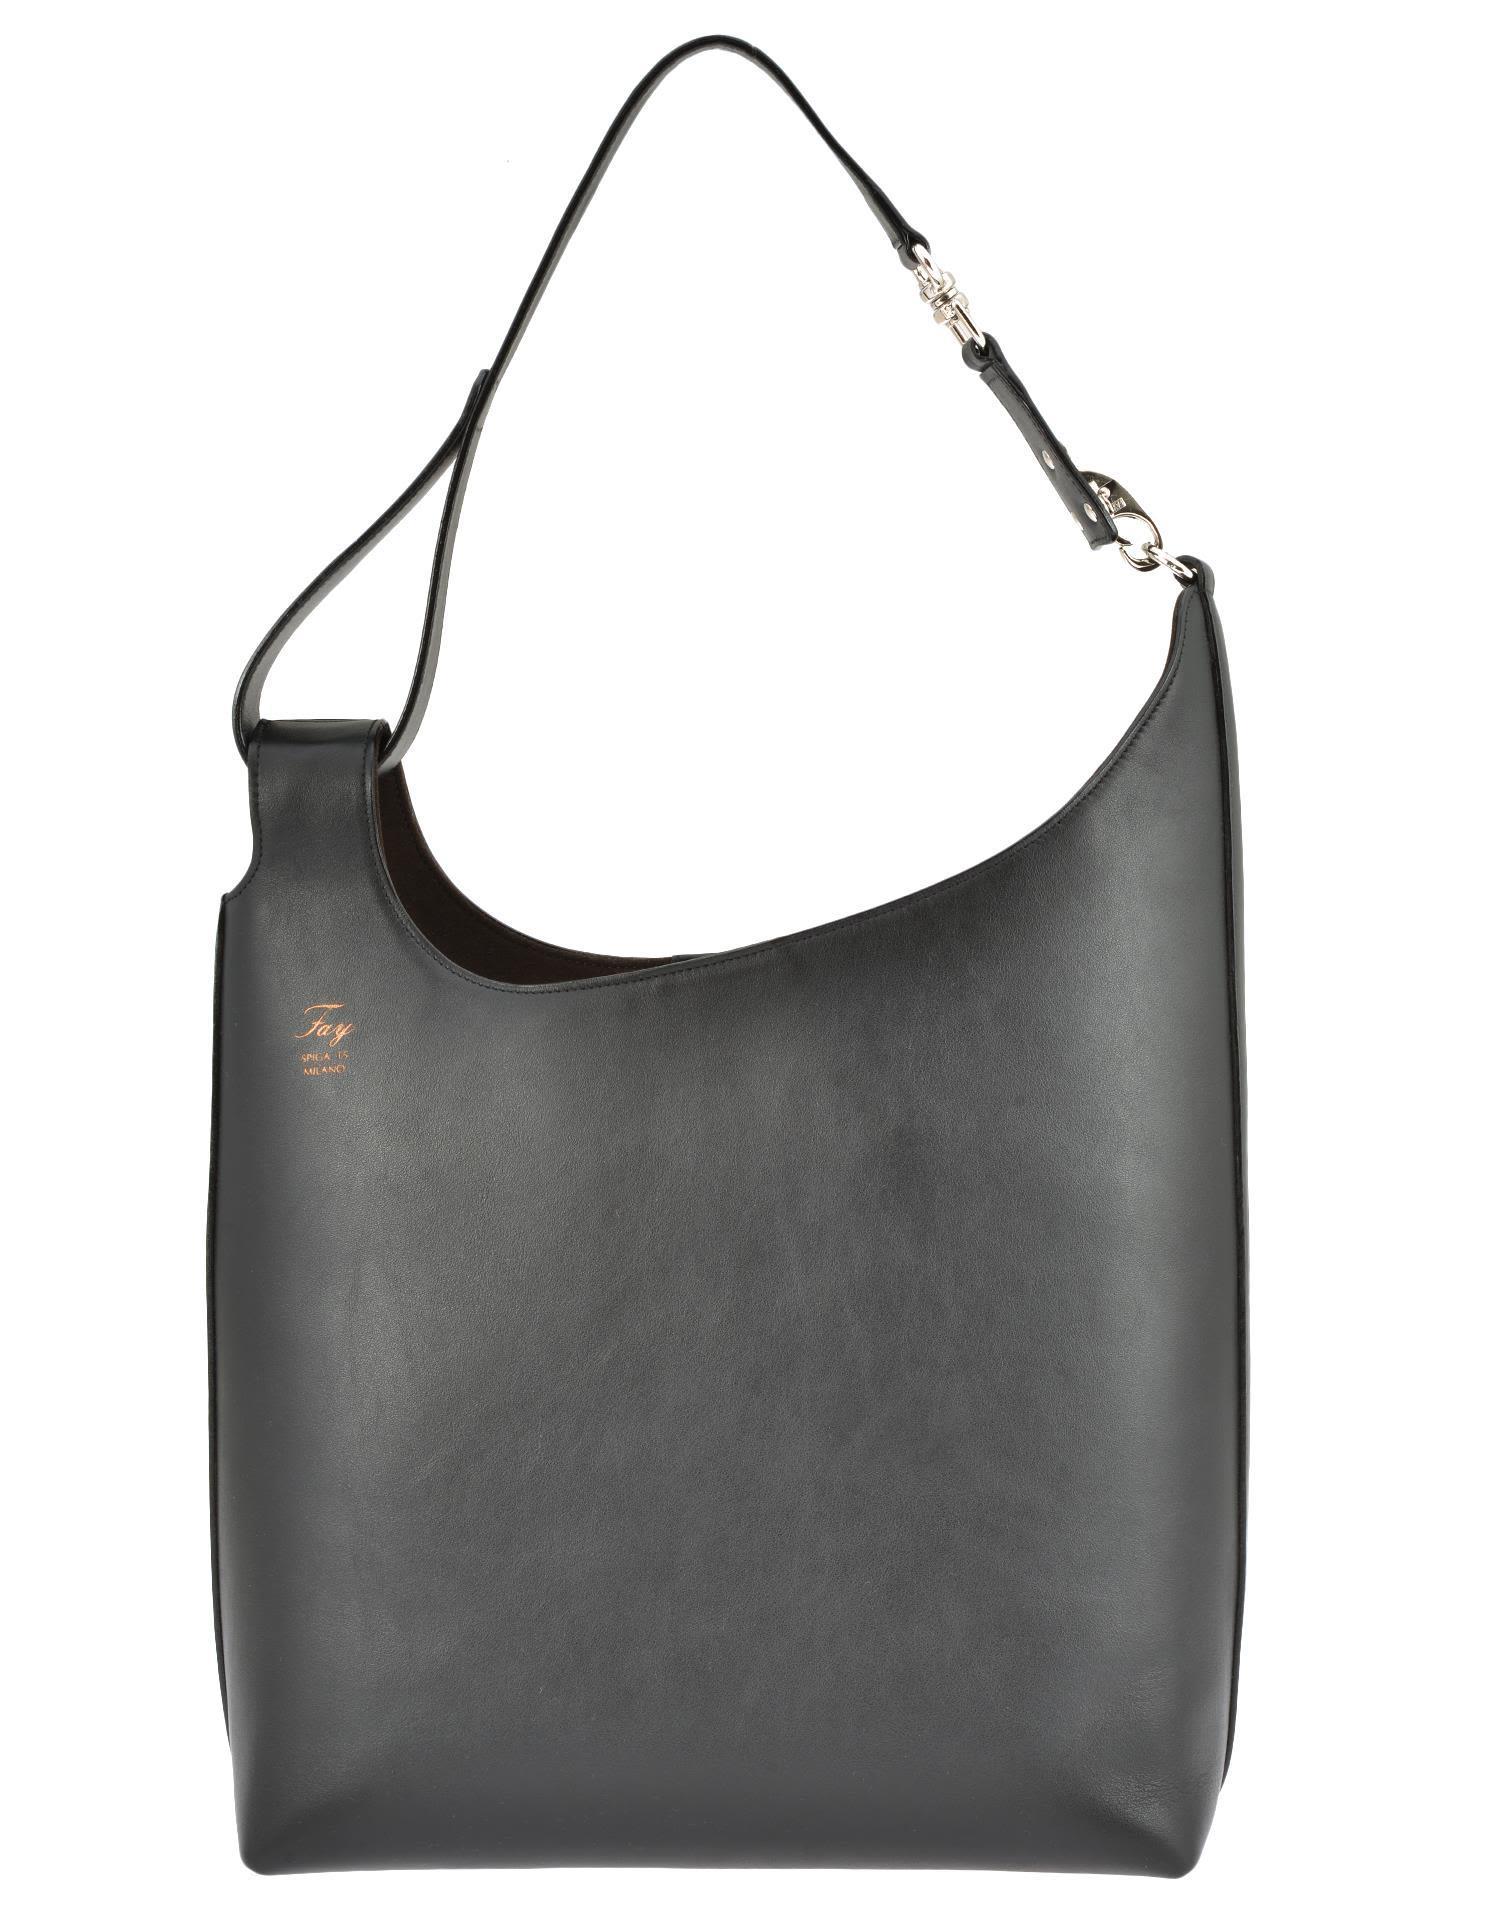 Fay Hobo Bag In Black